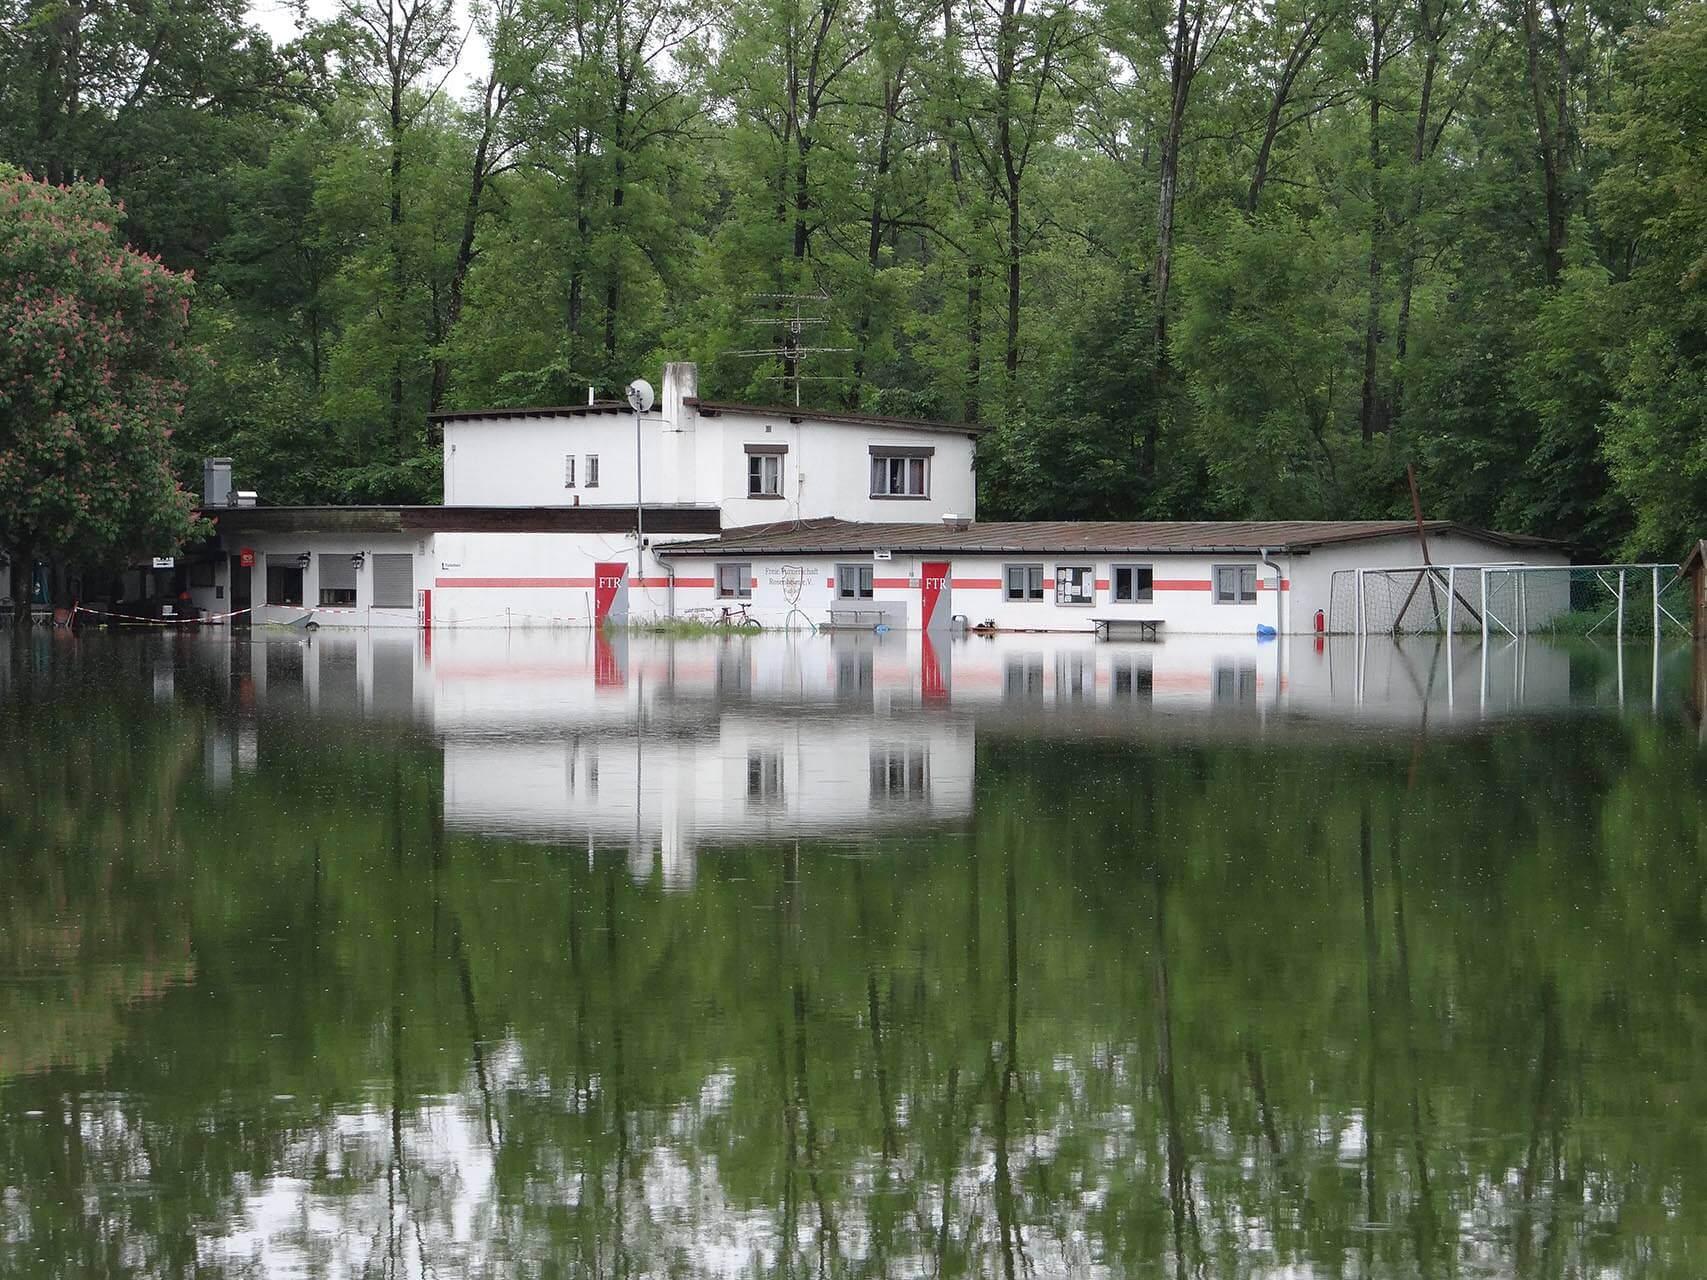 klima center wasserschaden gebäude - Wasserschadensanierung